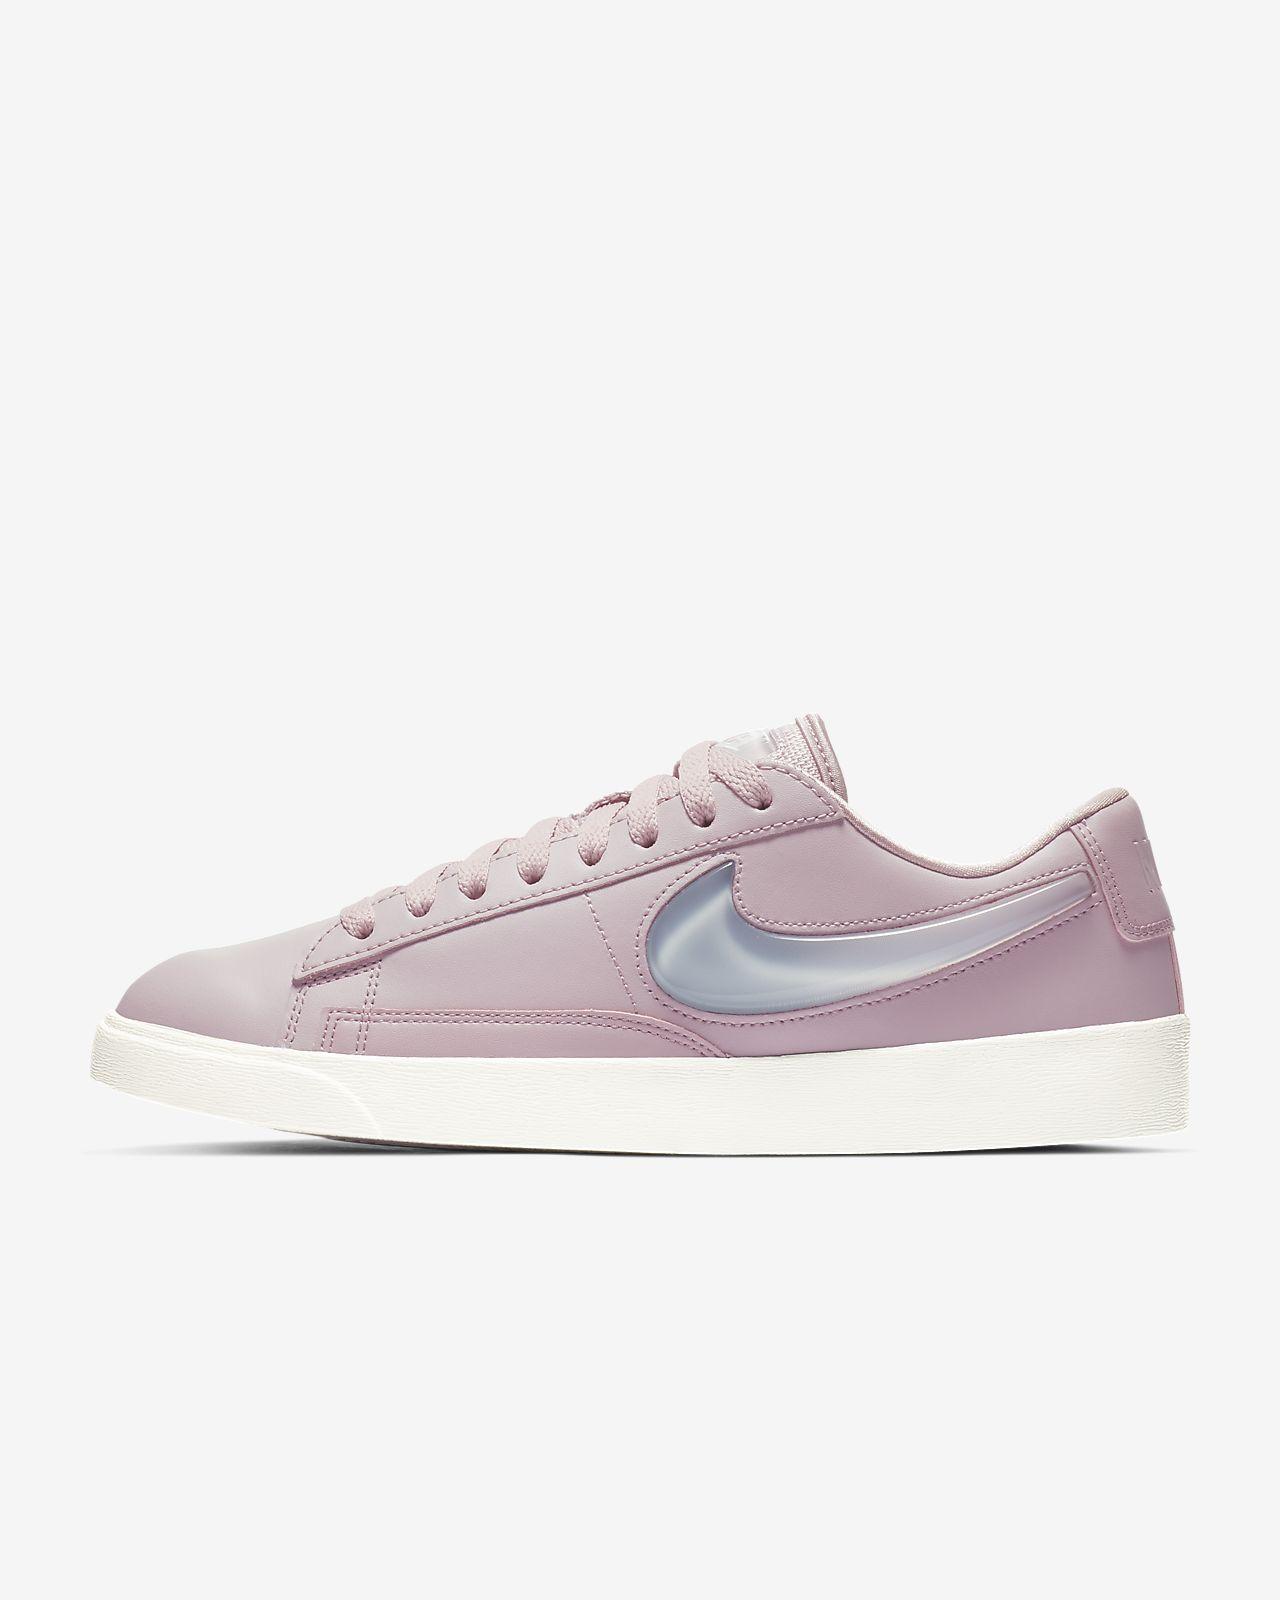 Chaussure Nike Blazer Low Lux Premium pour Femme